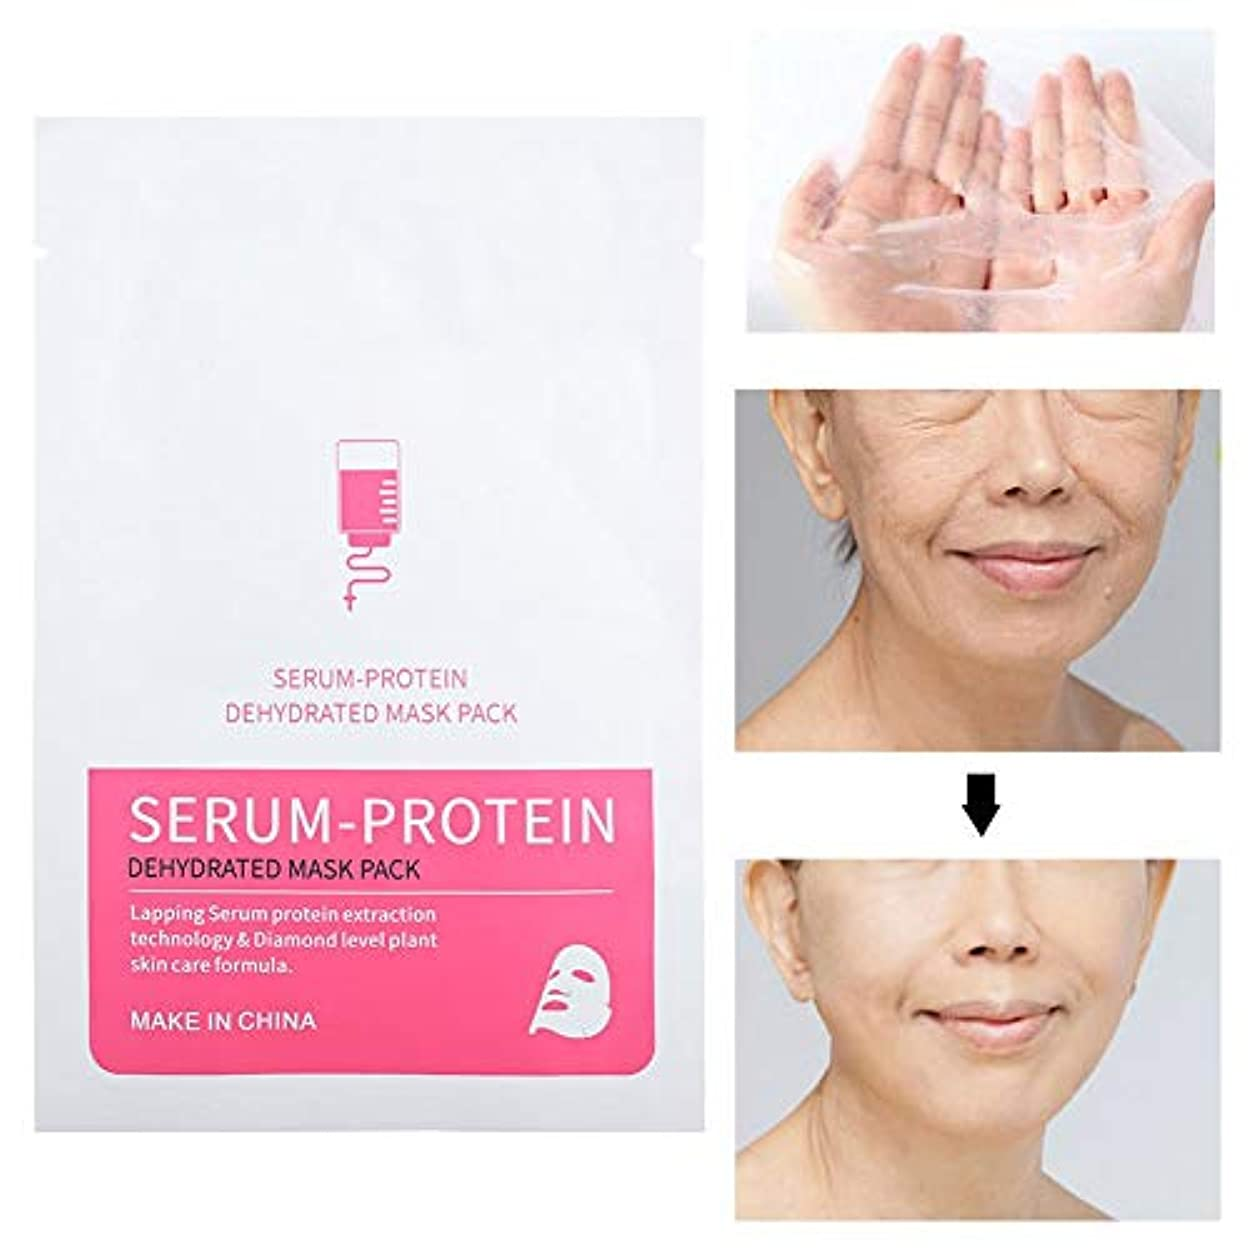 事実上満足ショット3.5g血清蛋白質のマスク、凍結乾燥させた粉のマスクをしっかり止める反しわの収縮の気孔